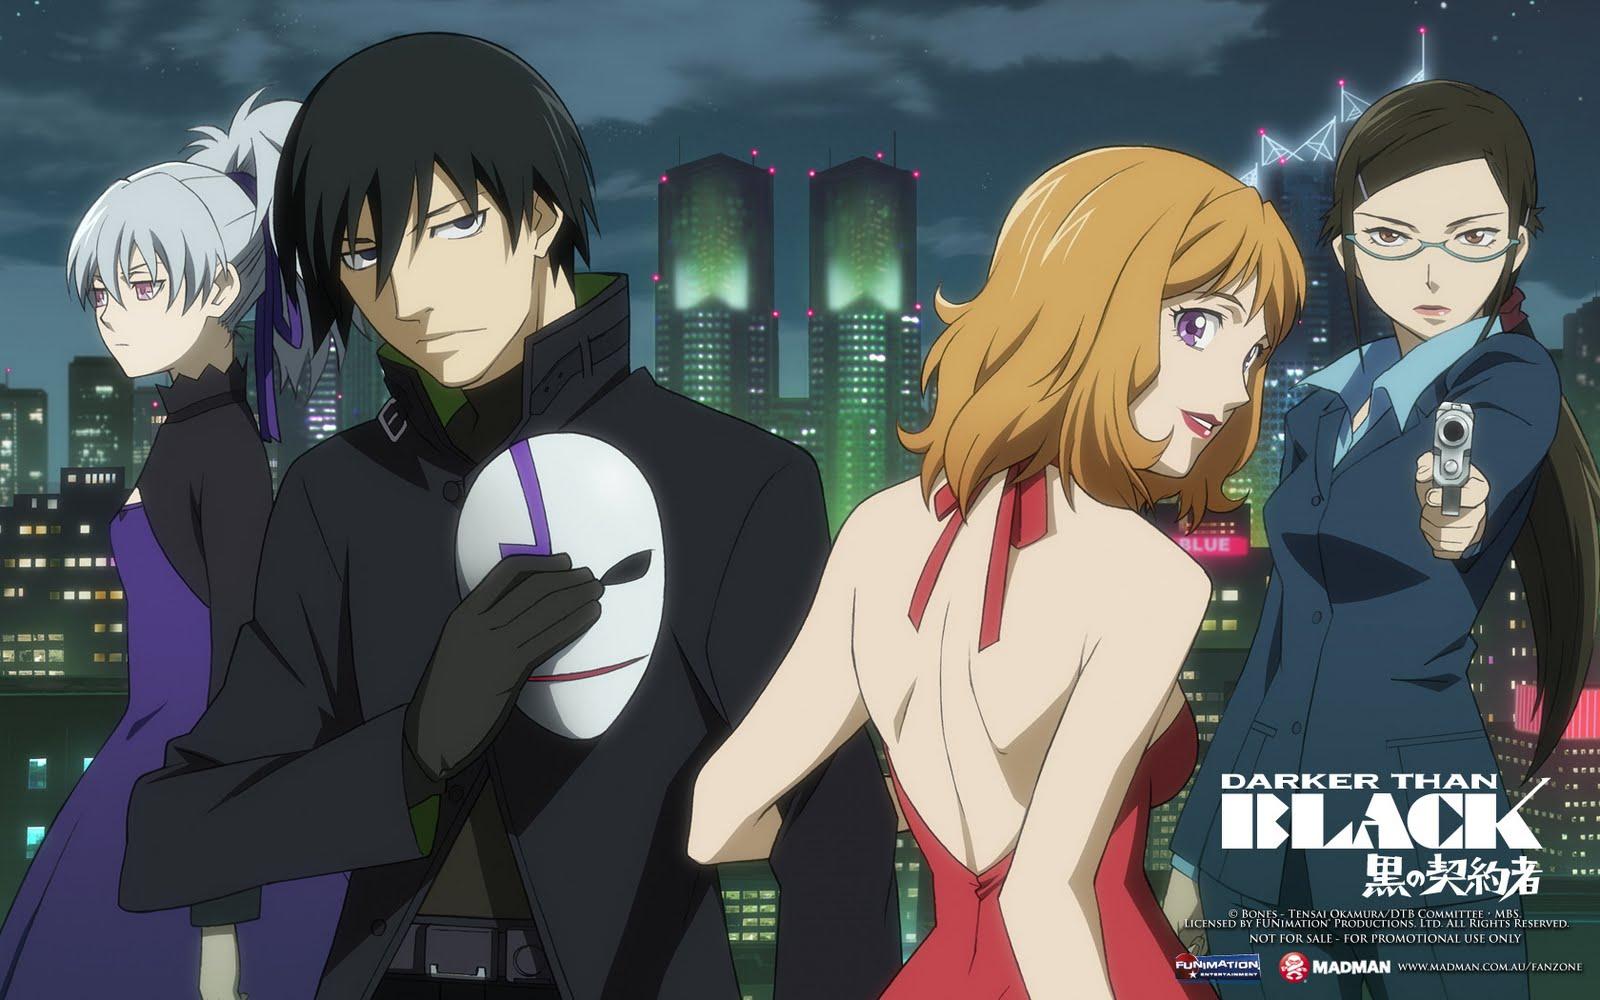 Kết quả hình ảnh cho Darker than Black: Kuro no Keiyakusha